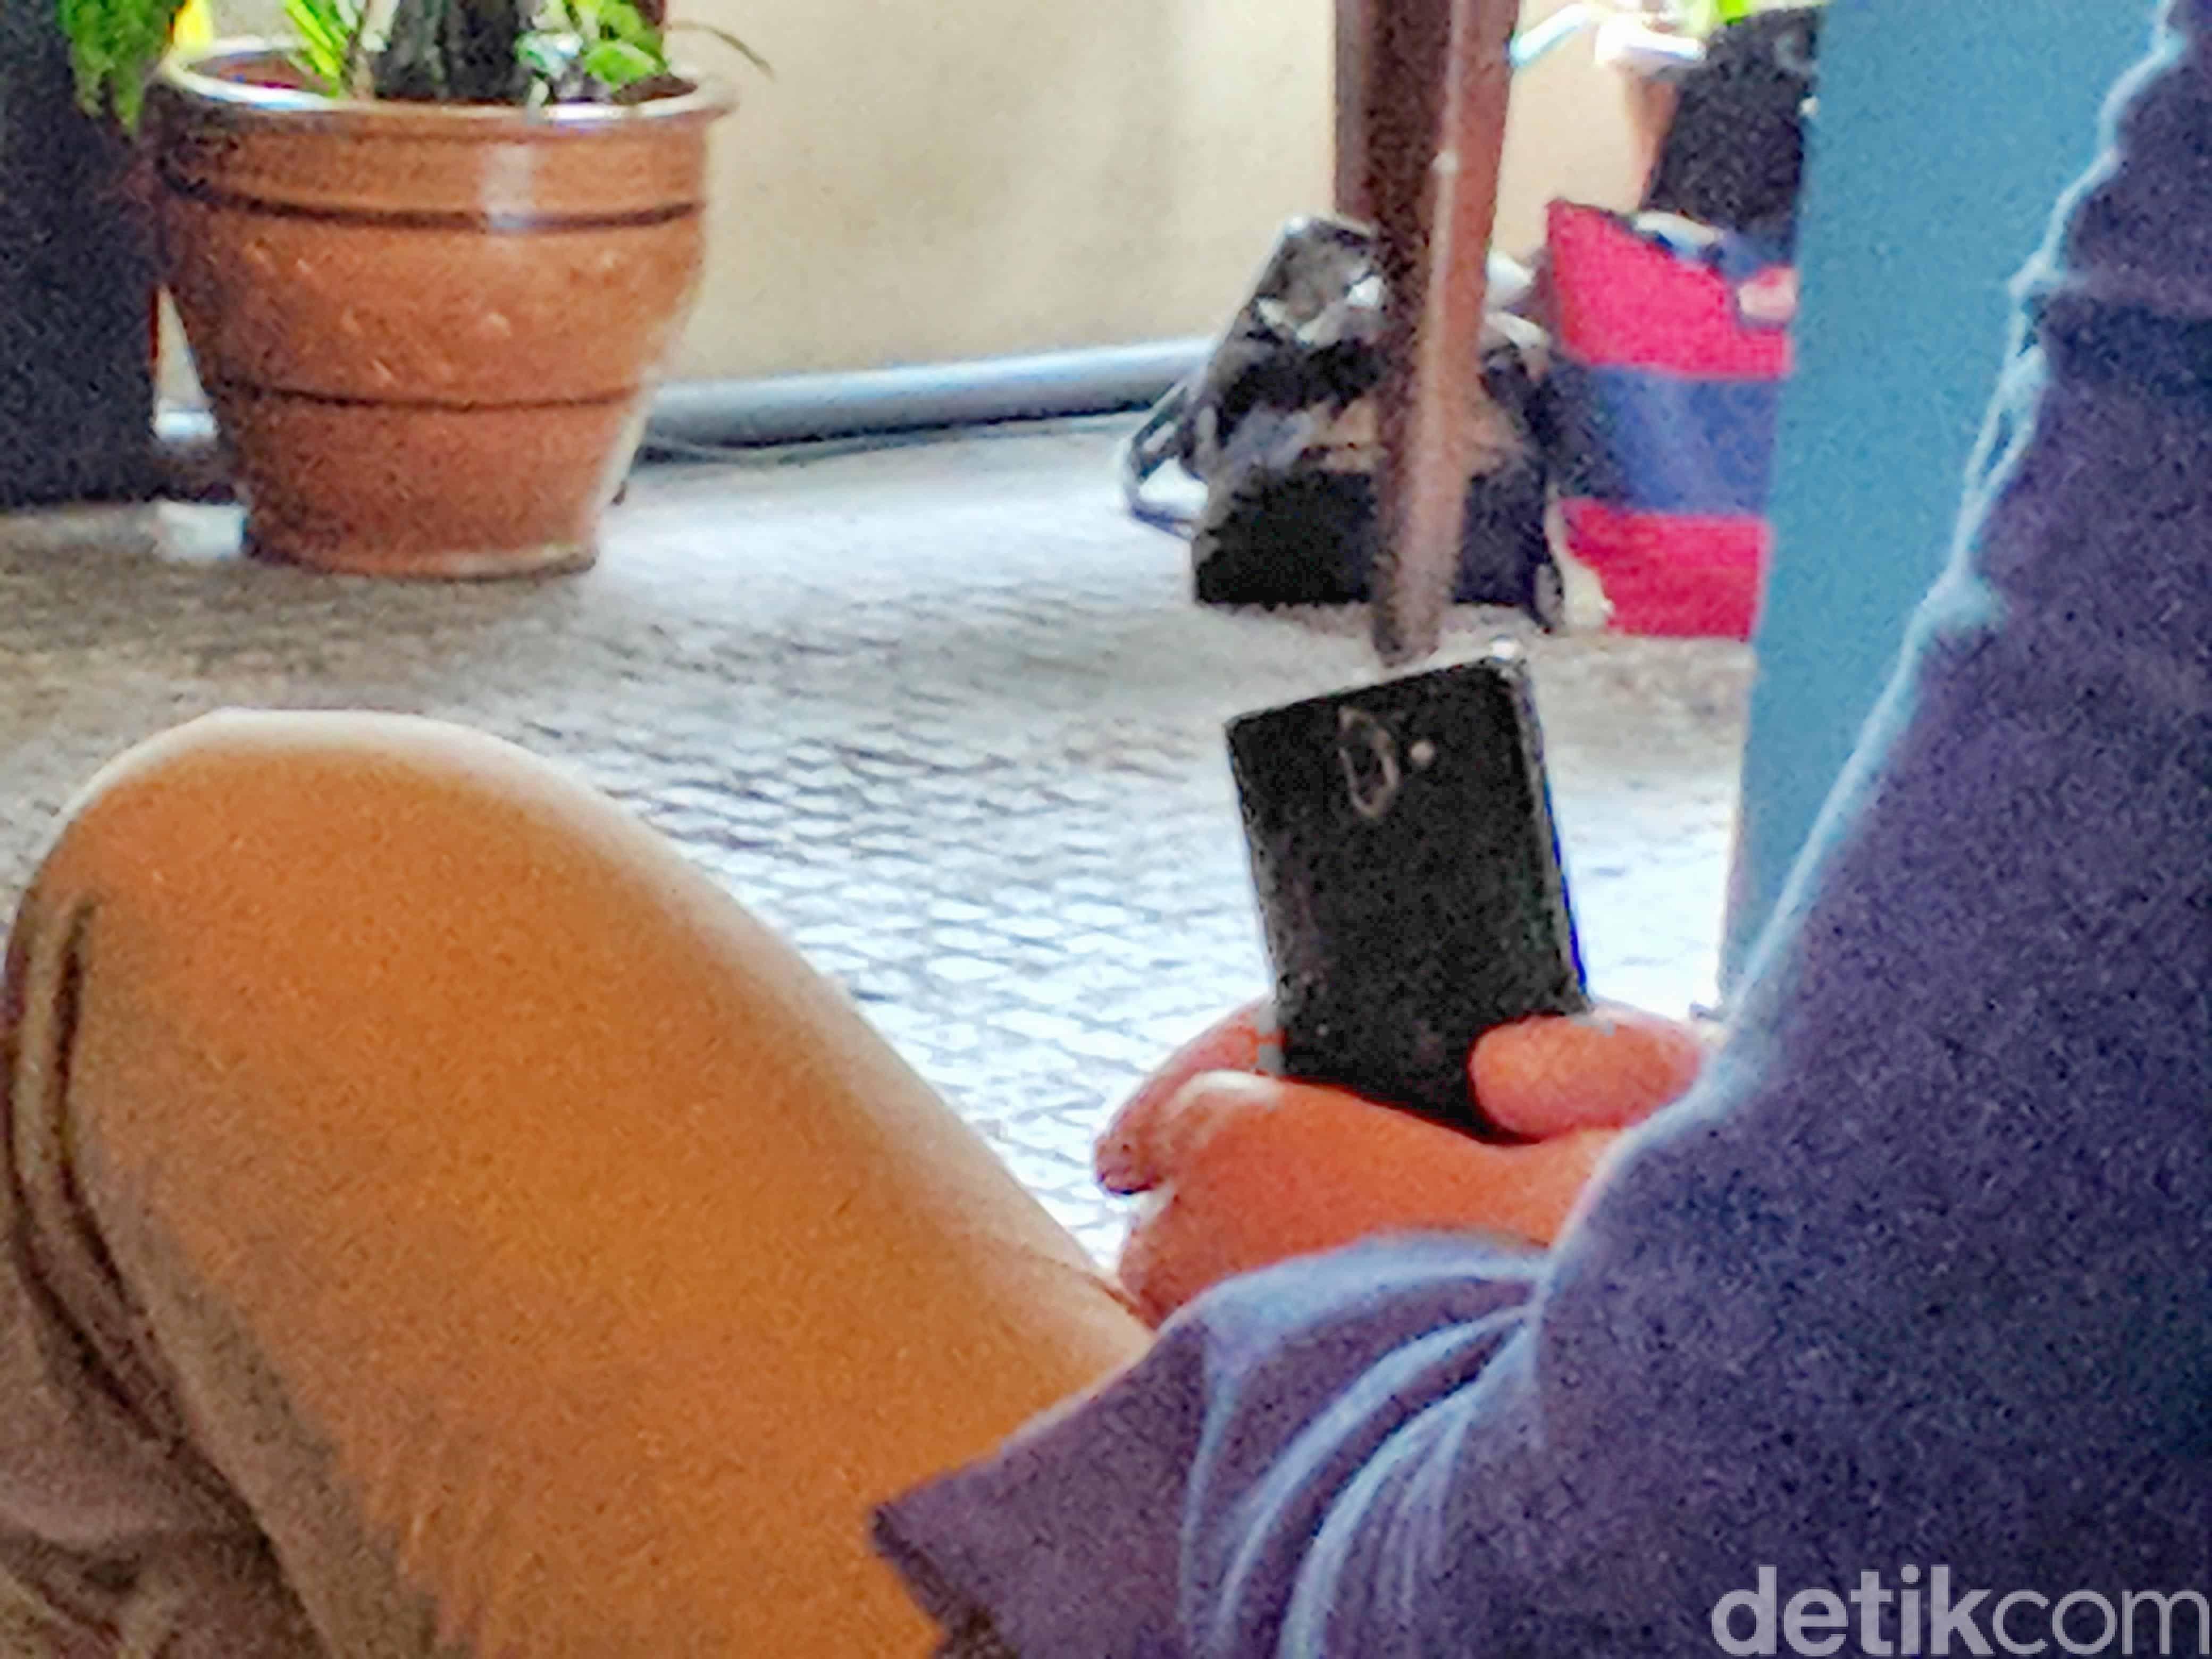 Nokia 9 Detikcom 2